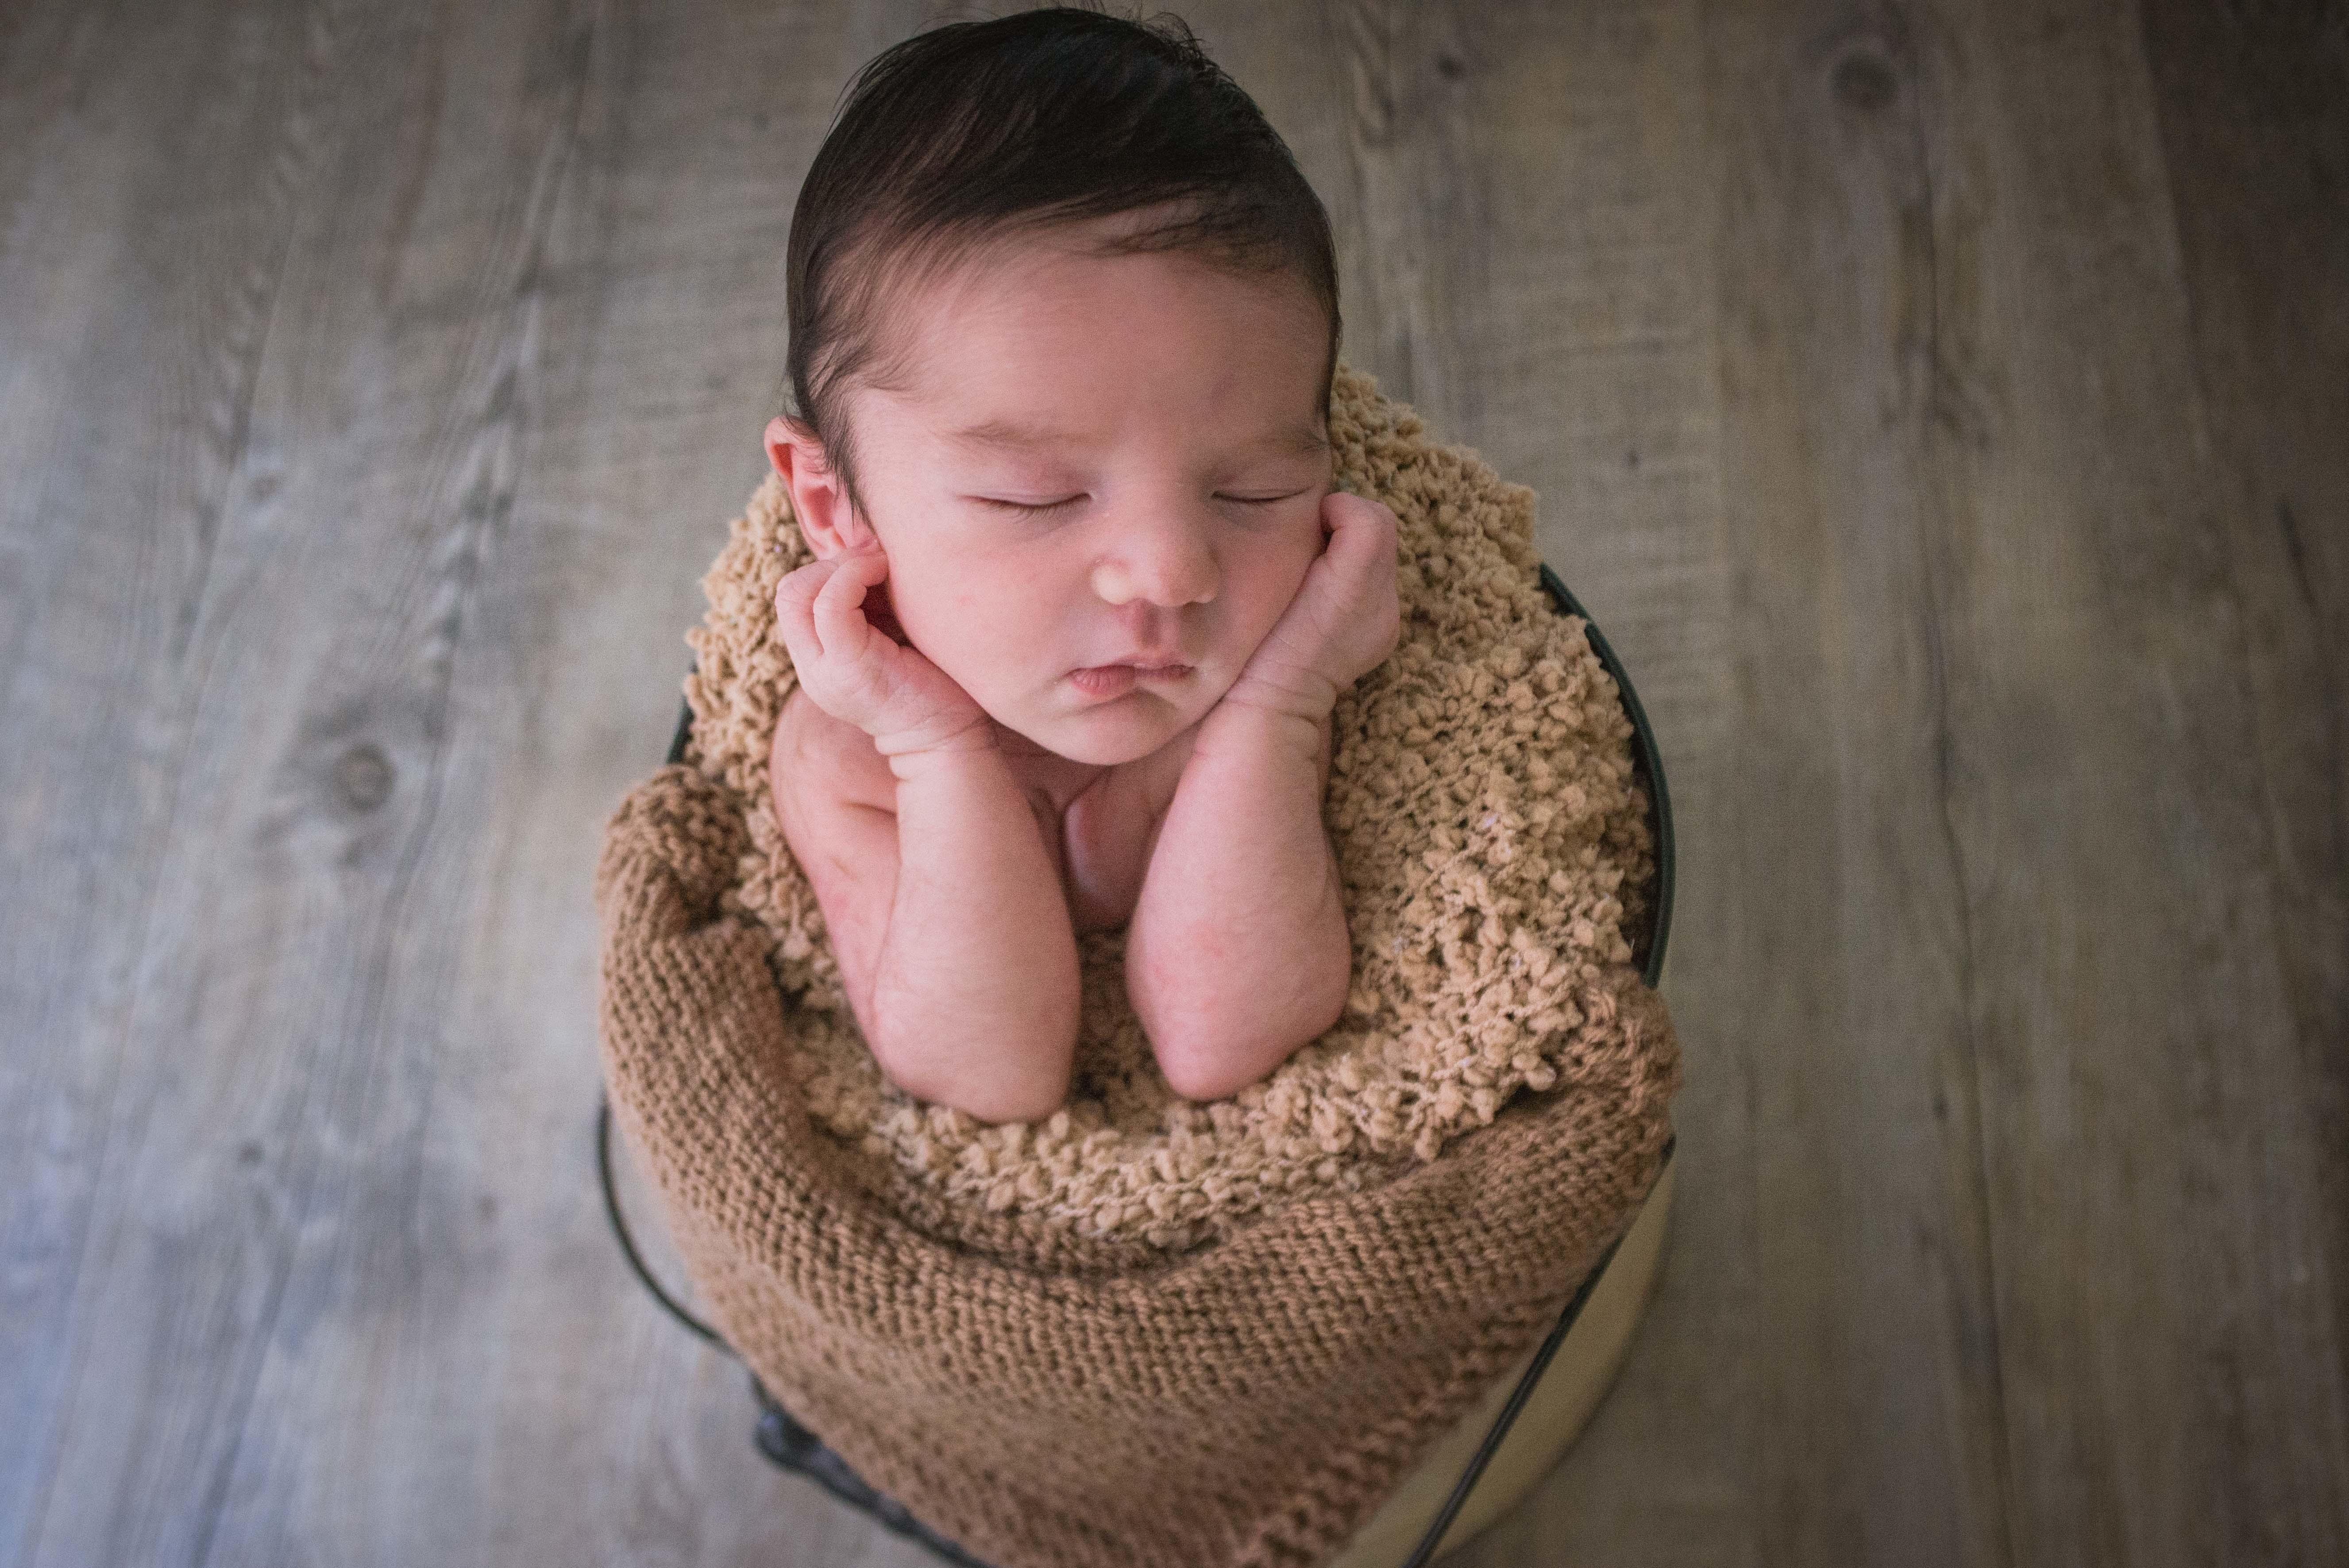 Sobre Estudio Acalanto | Ensaios gestante e newborn em Campinas